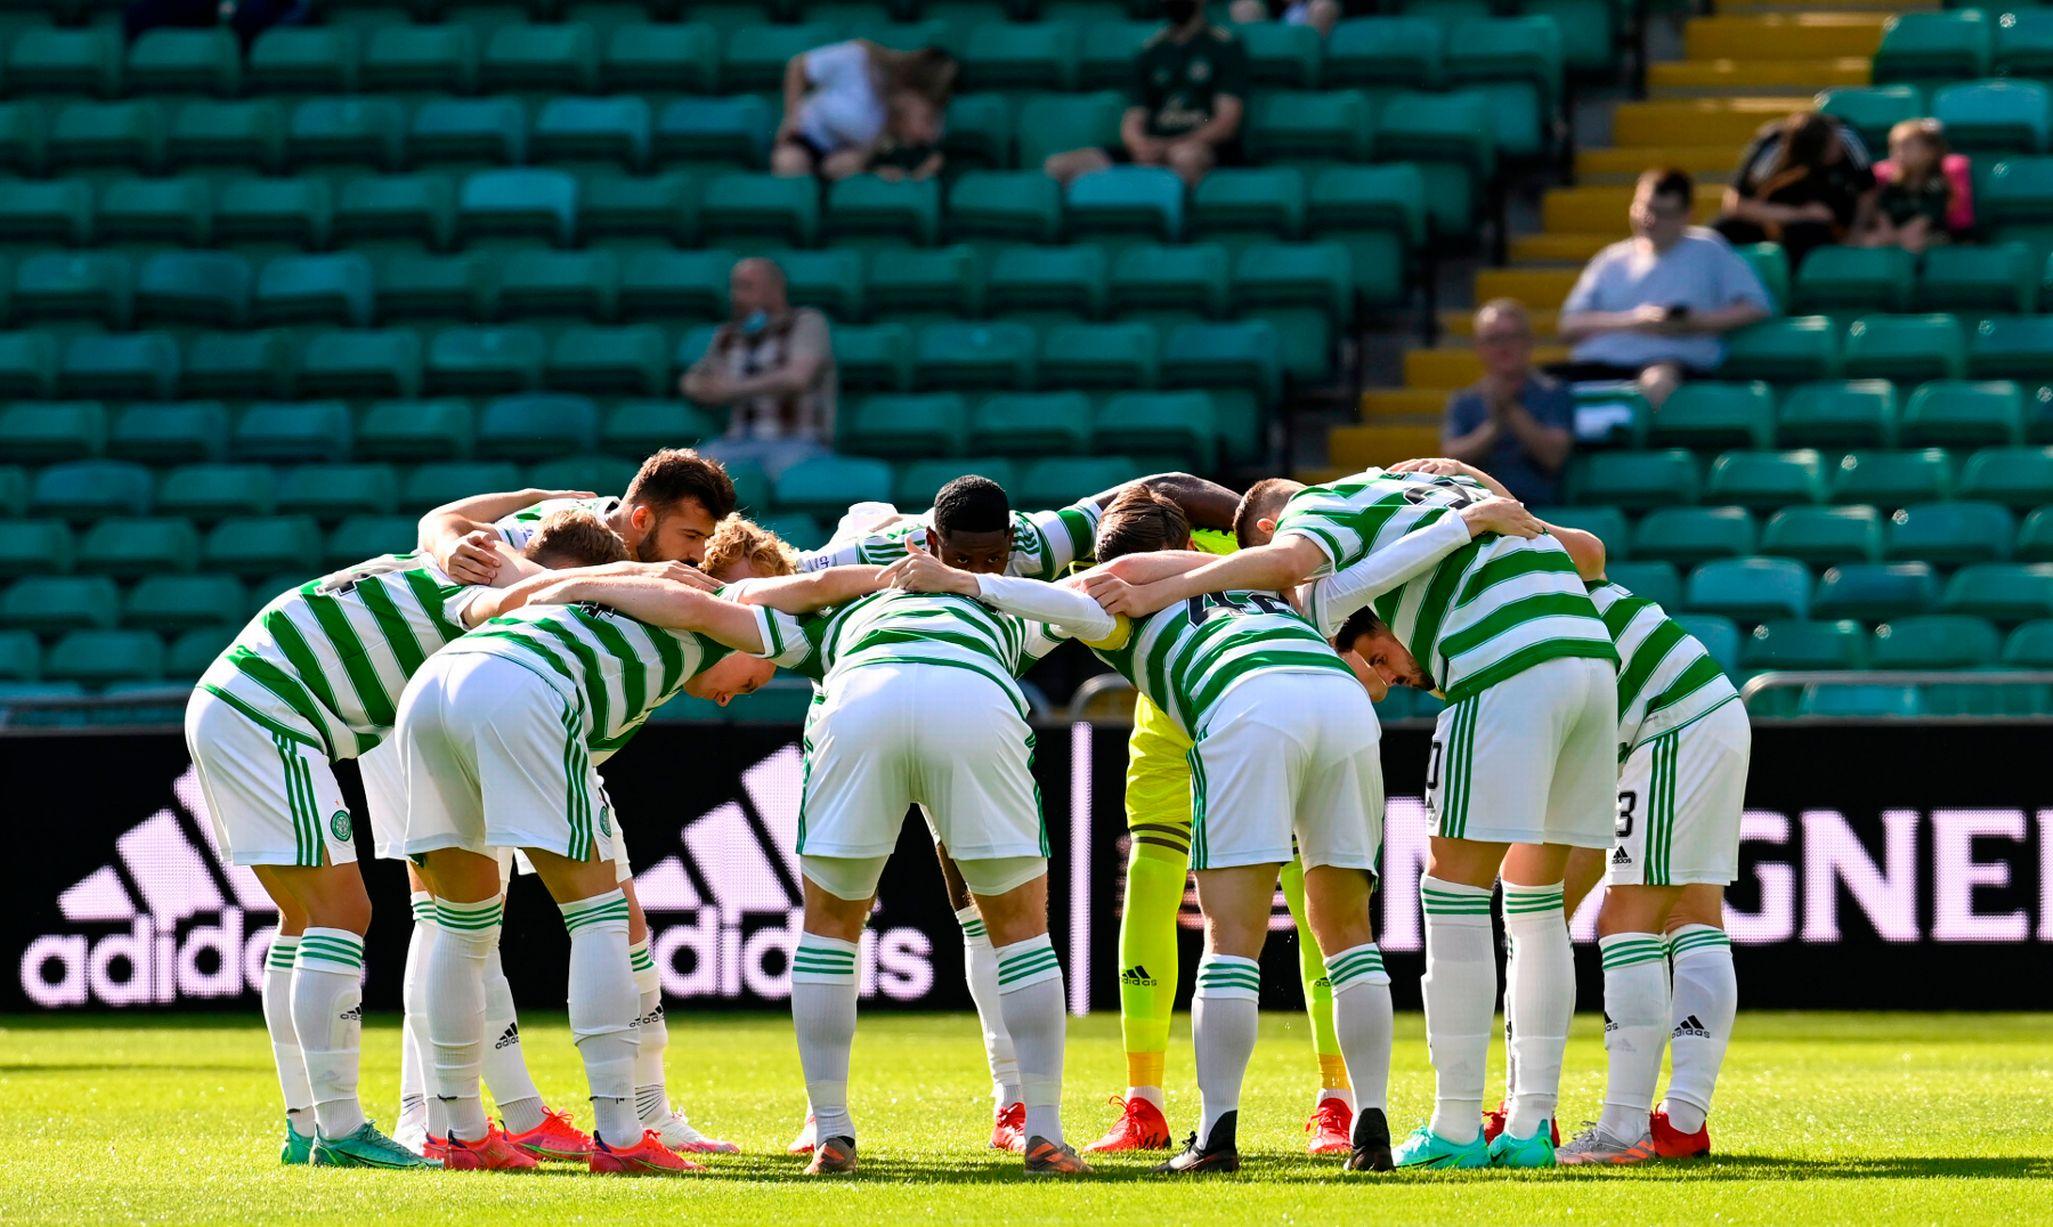 Celtic vs FC Midtjylland - Aperçu des éliminatoires de la Ligue des Champions - Champions League